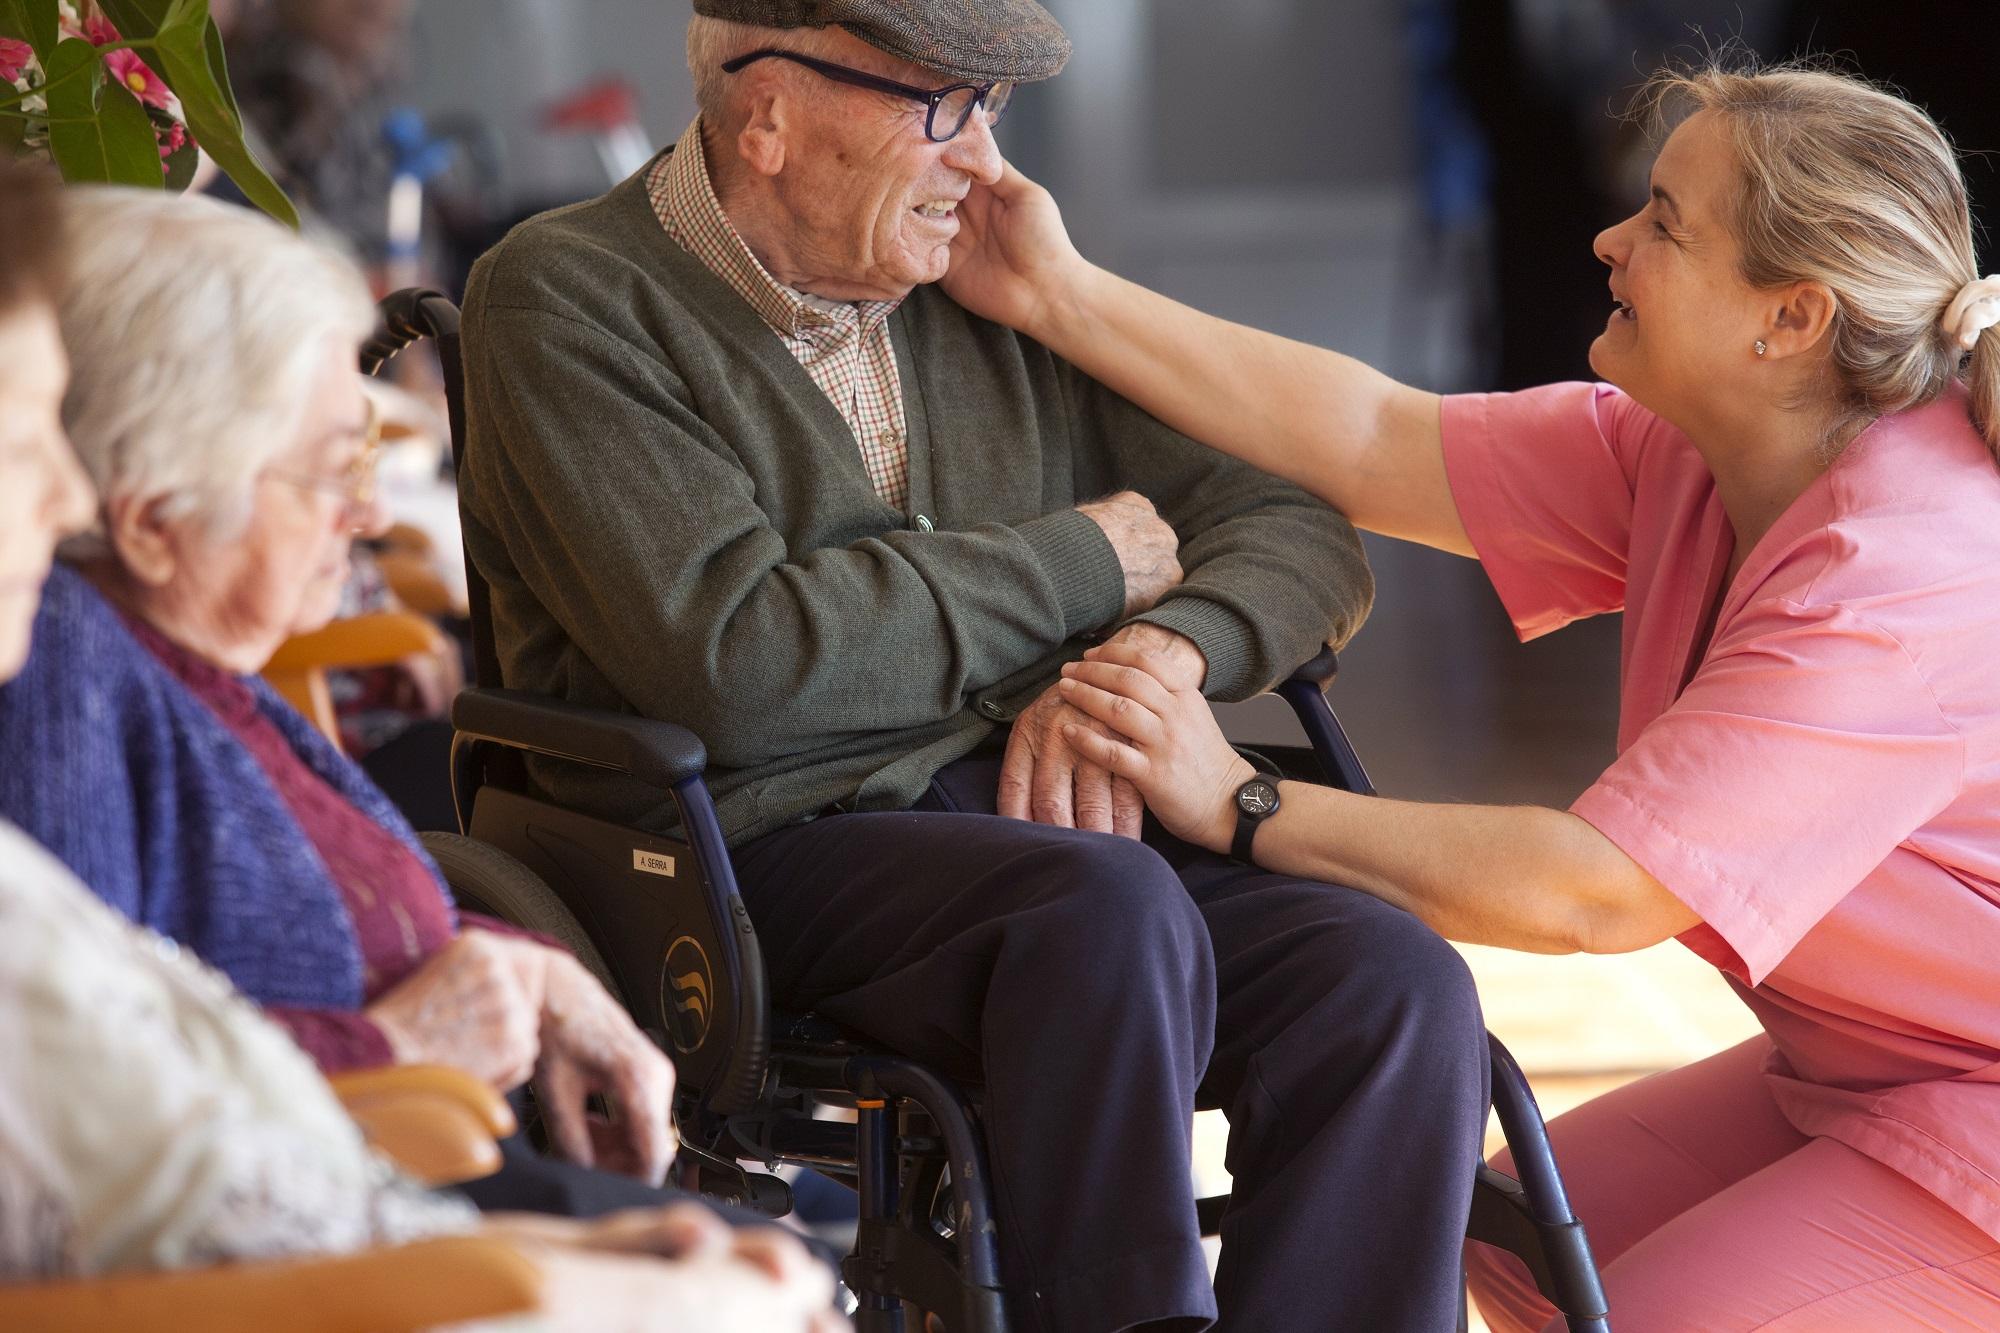 dia del cuidador, residencia, cuidador, cuidadora, gente mayor, tercera edad, alzheimer